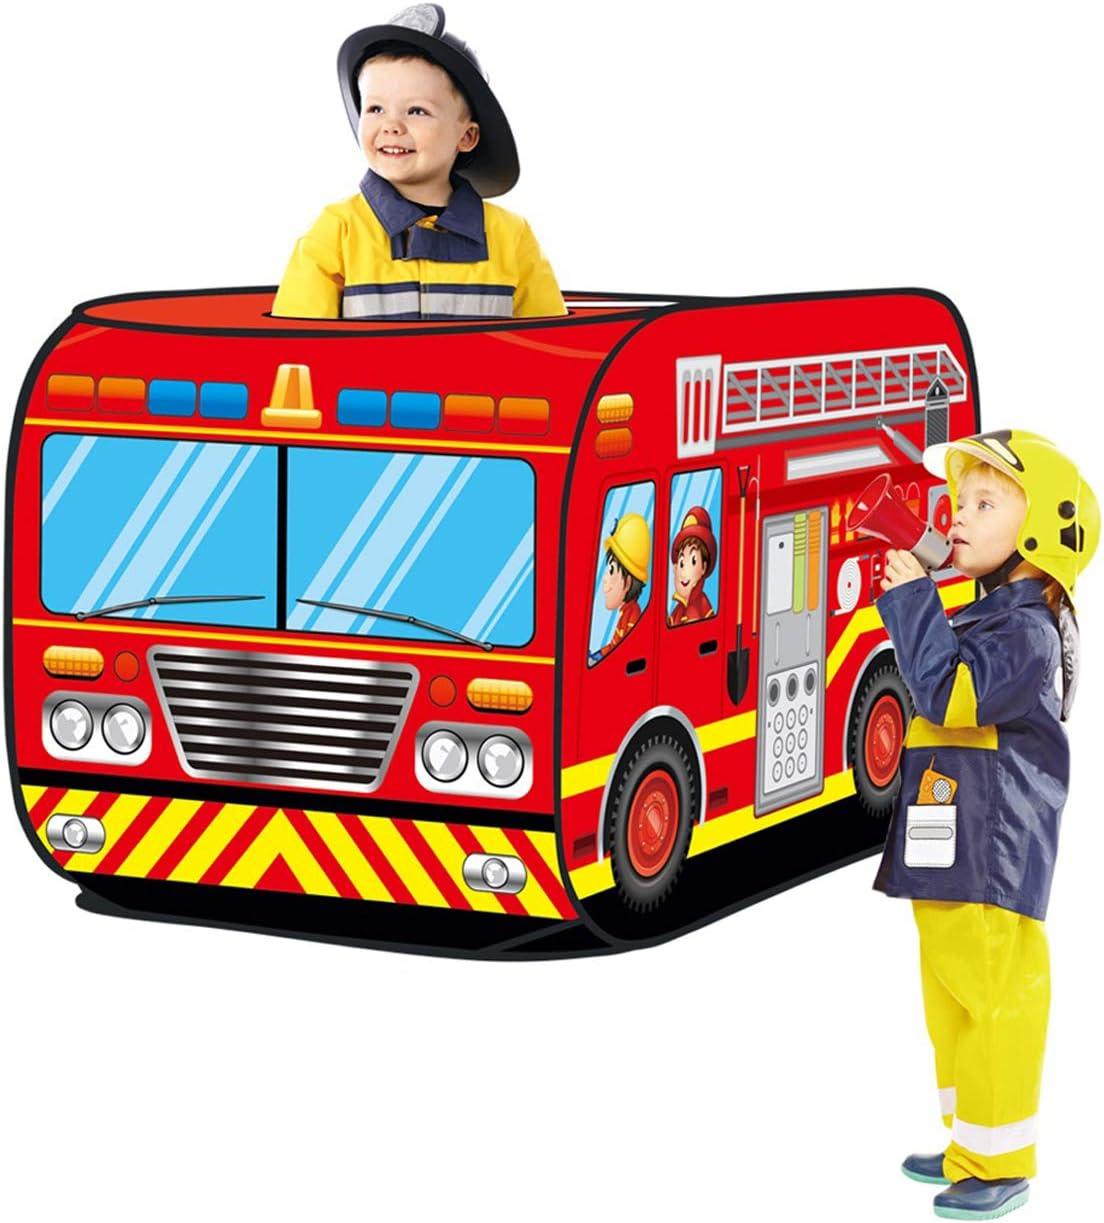 Feuerwehrauto form kinder kinder spielen zelt pop up spielhaus hause indoor